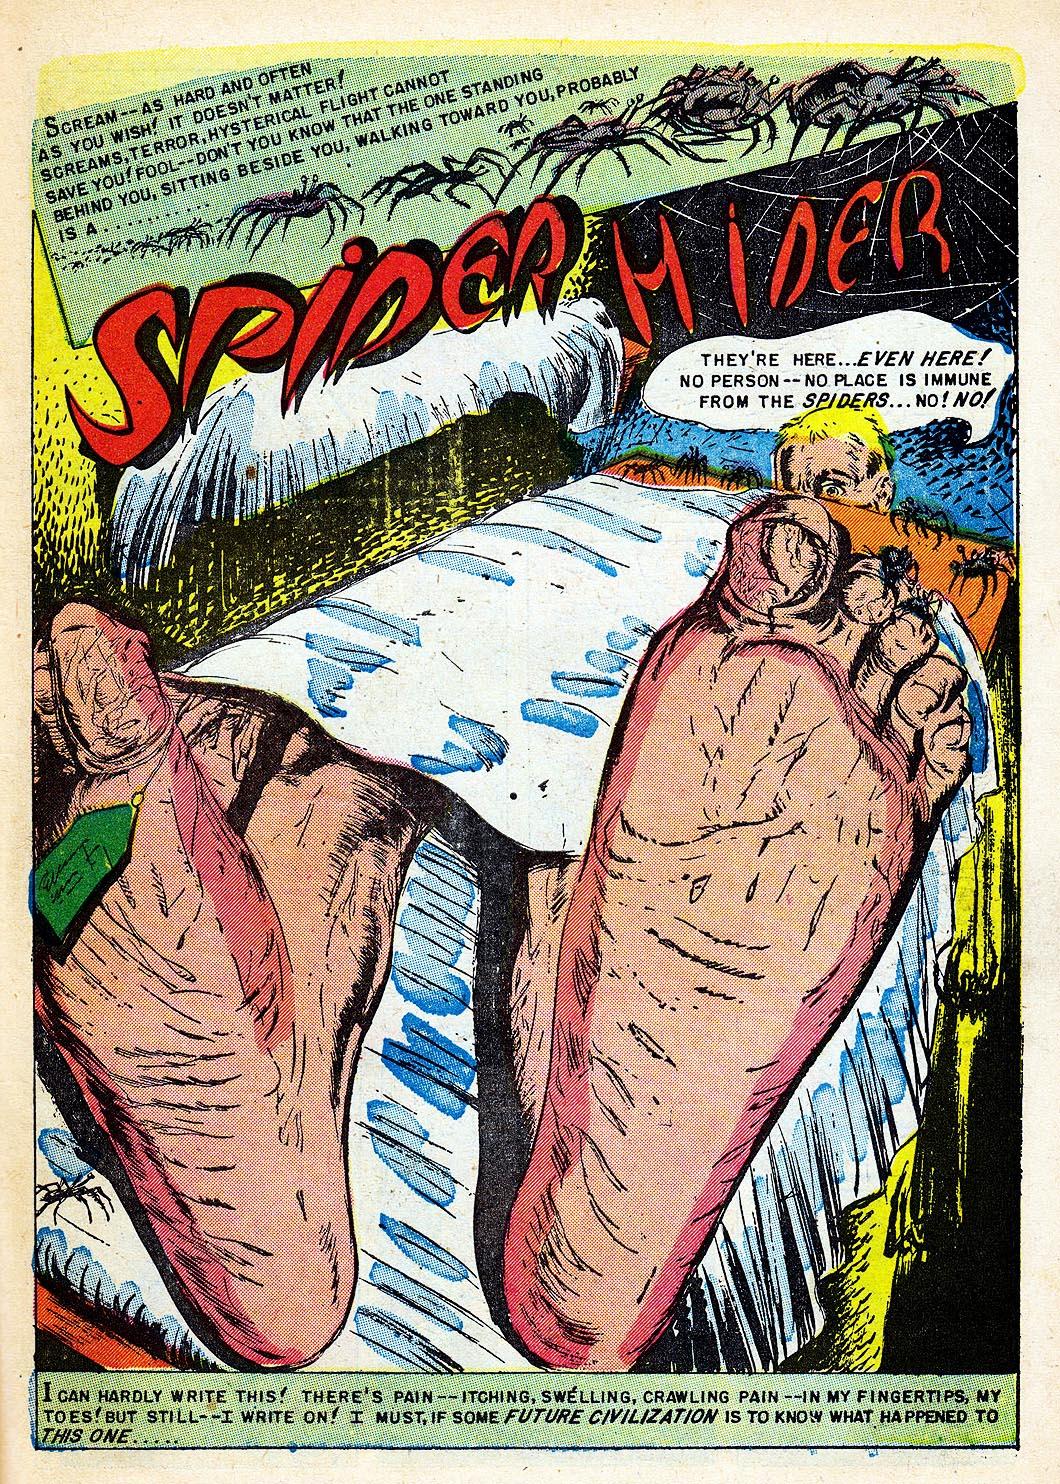 SpiderHider1